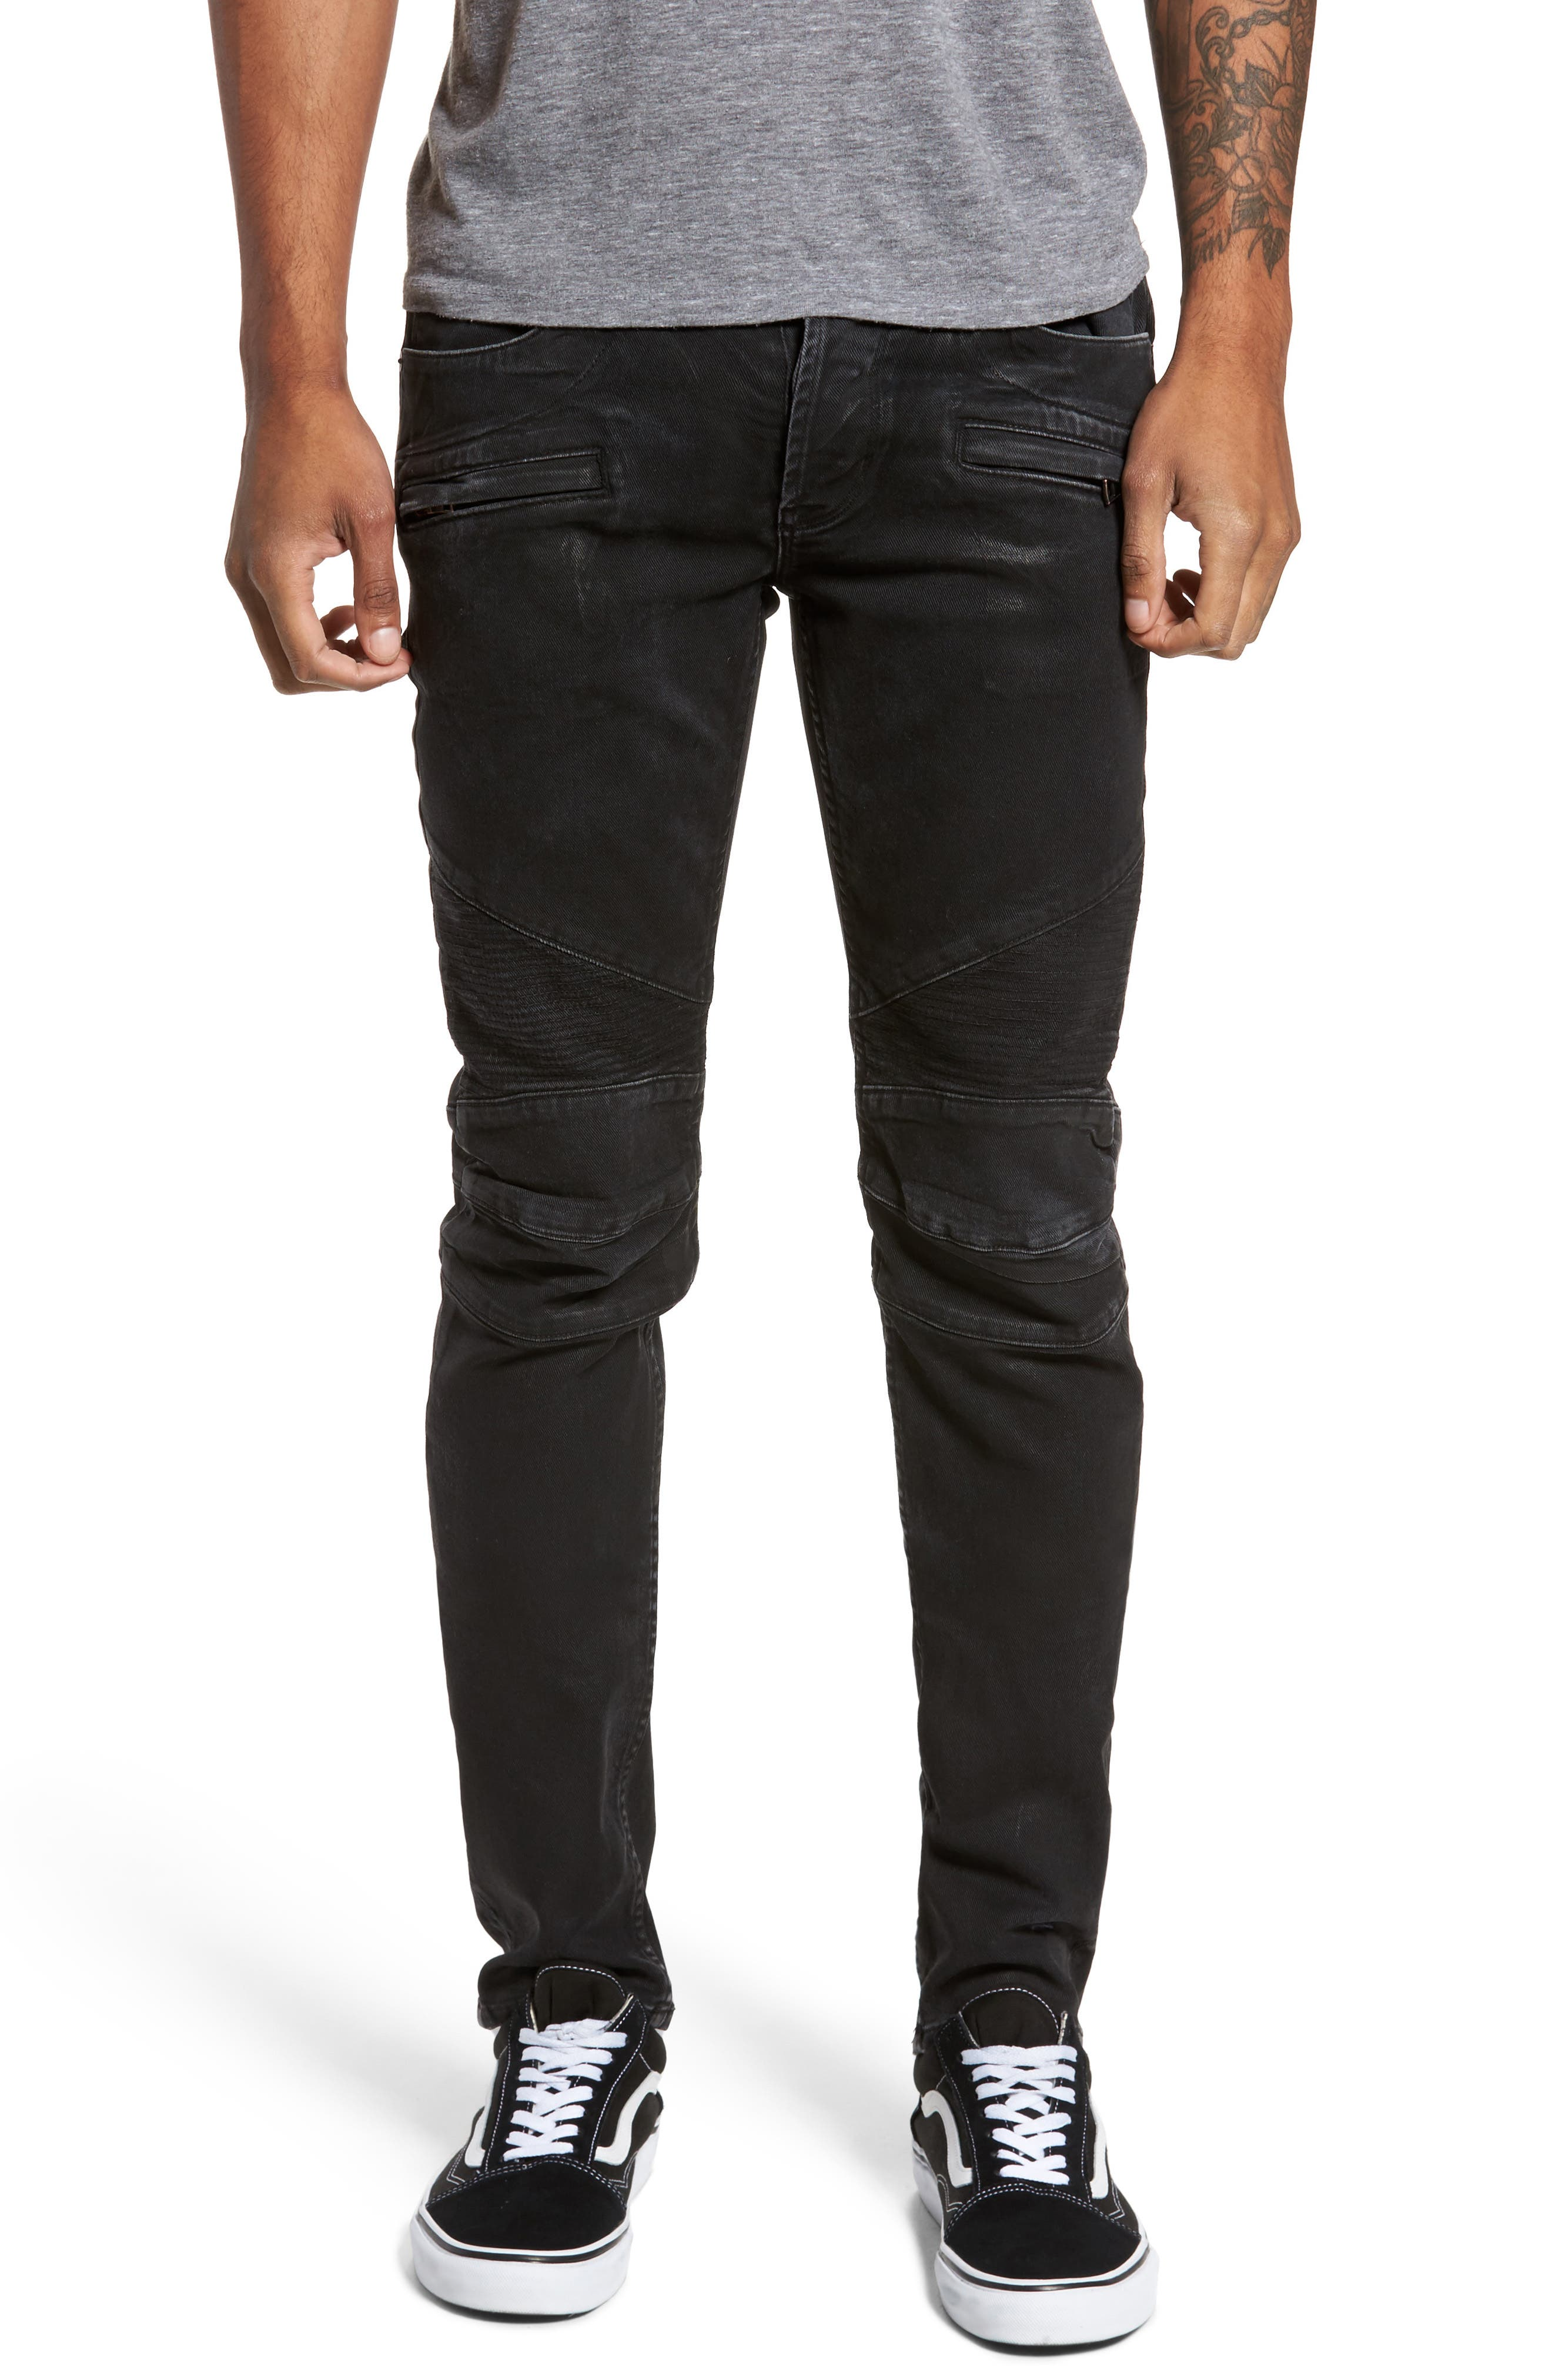 Alternate Image 1 Selected - Hudson Jeans Blinder Biker Skinny Fit Jeans (Skeme)